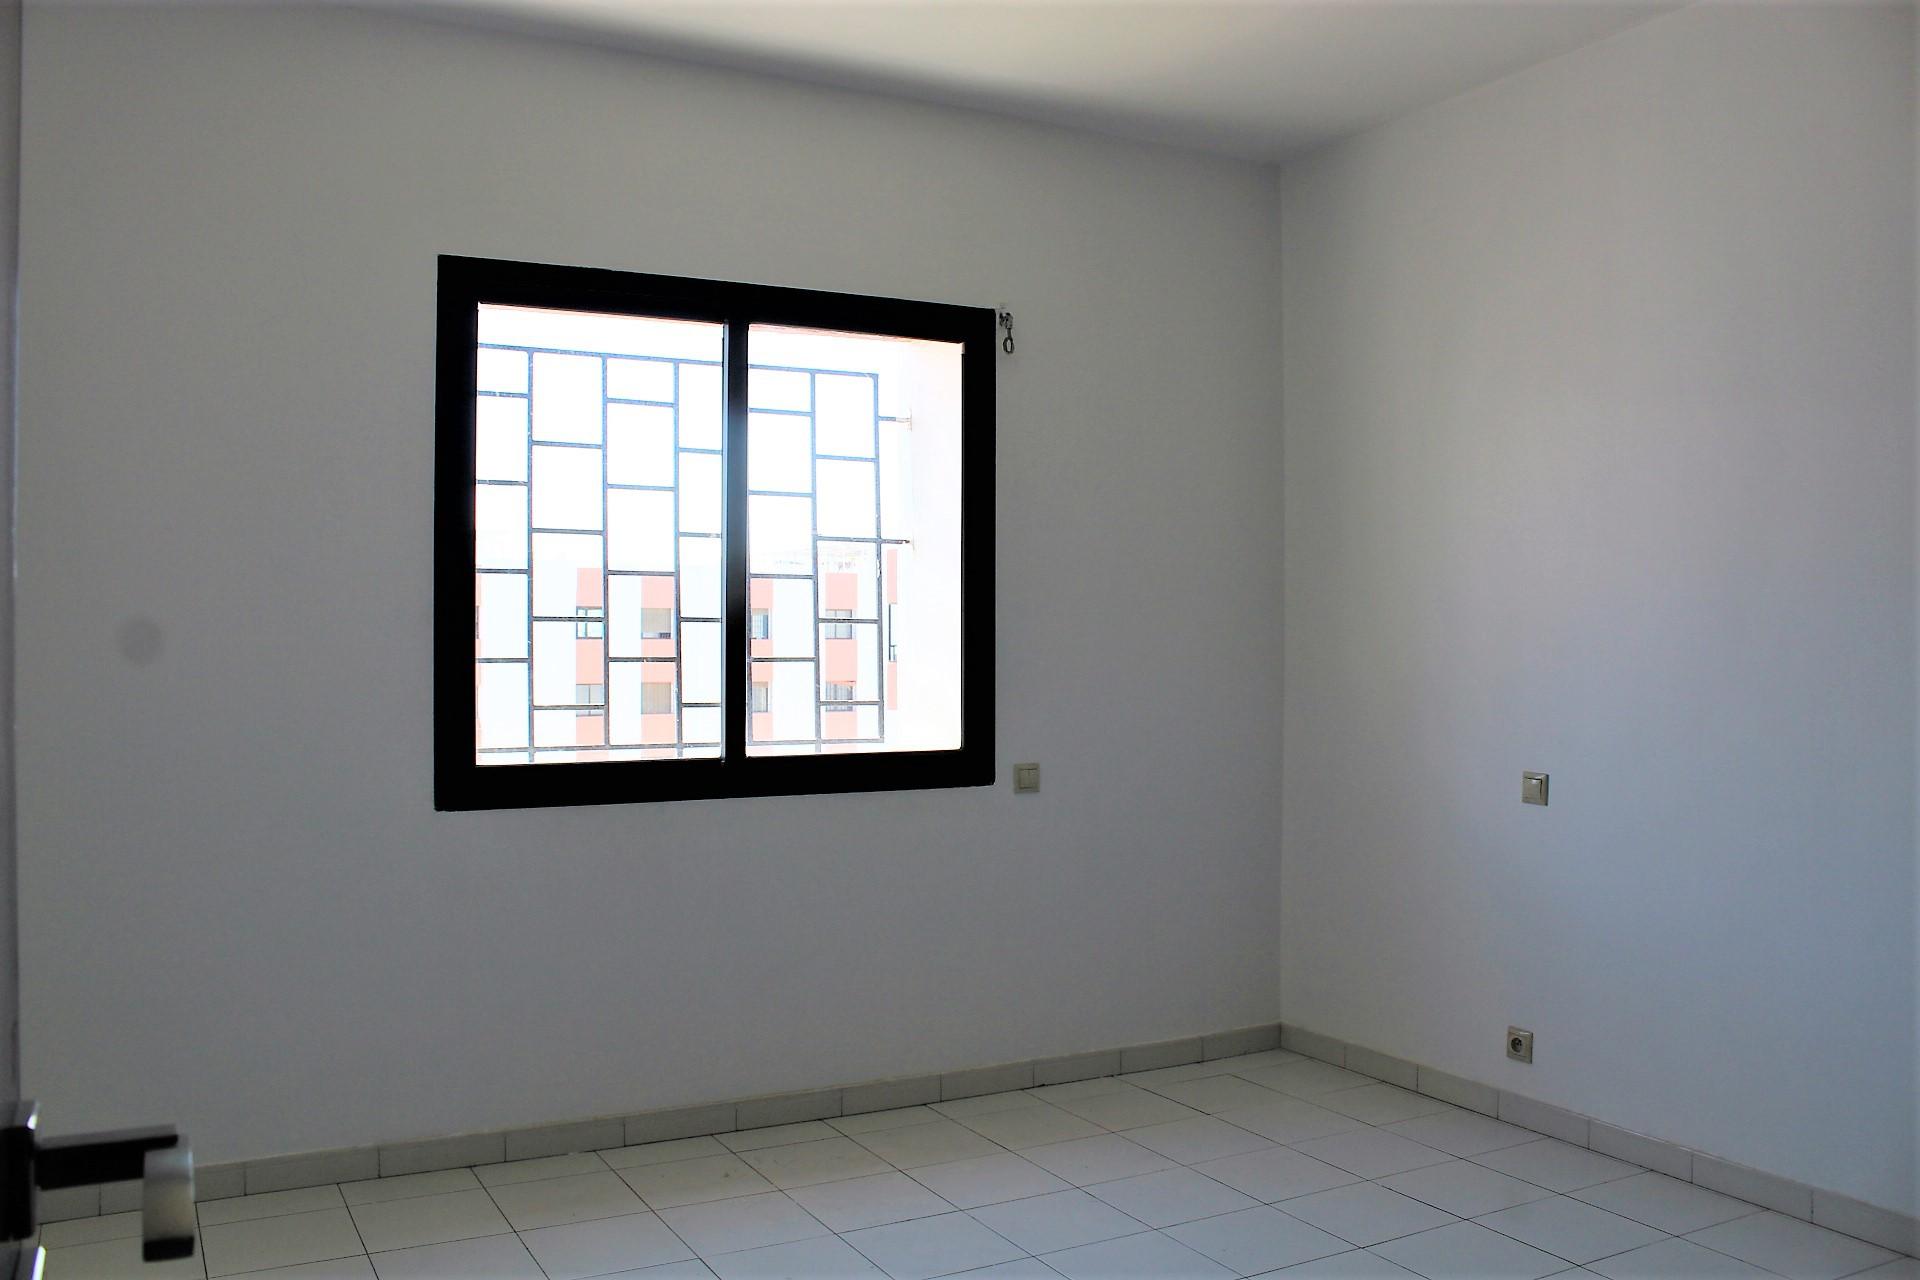 Maroc, Casablanca, Gauthier centre, à louer adorable petit appartement meublé avec grande terrasse ensoleillé